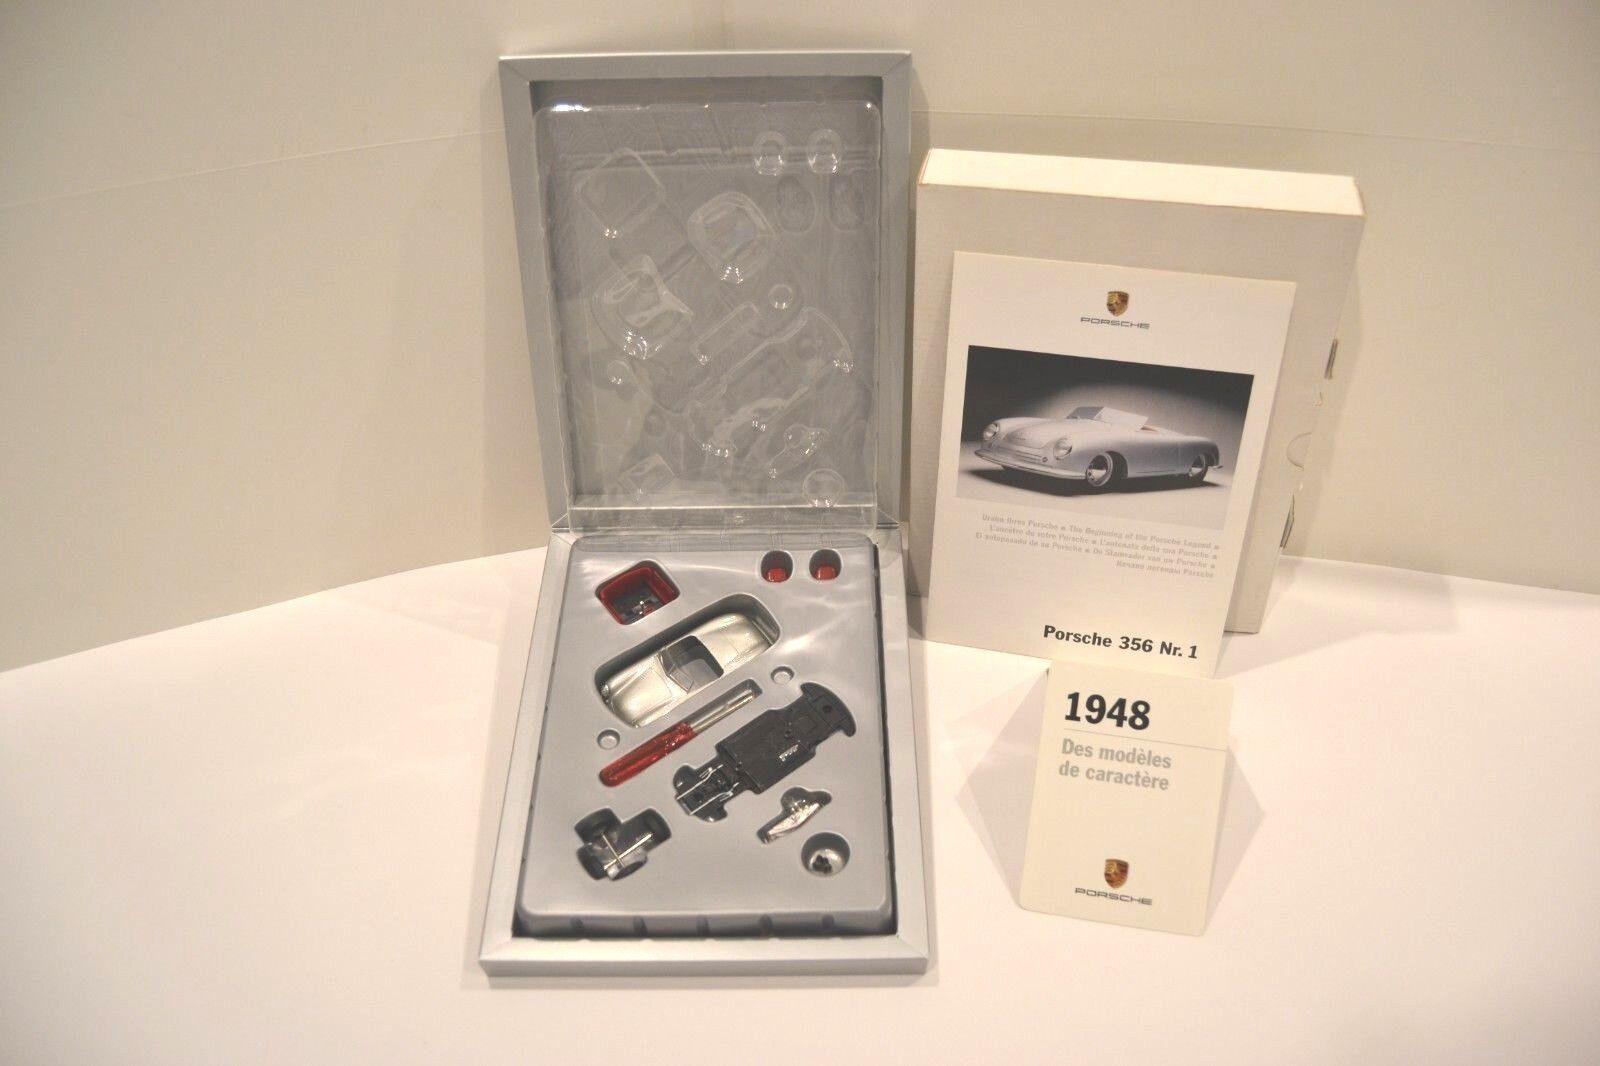 Schuco 1 43. Porsche 356 nº 1 1948  Christophorus 1948-2008 60 ans de Porsche.